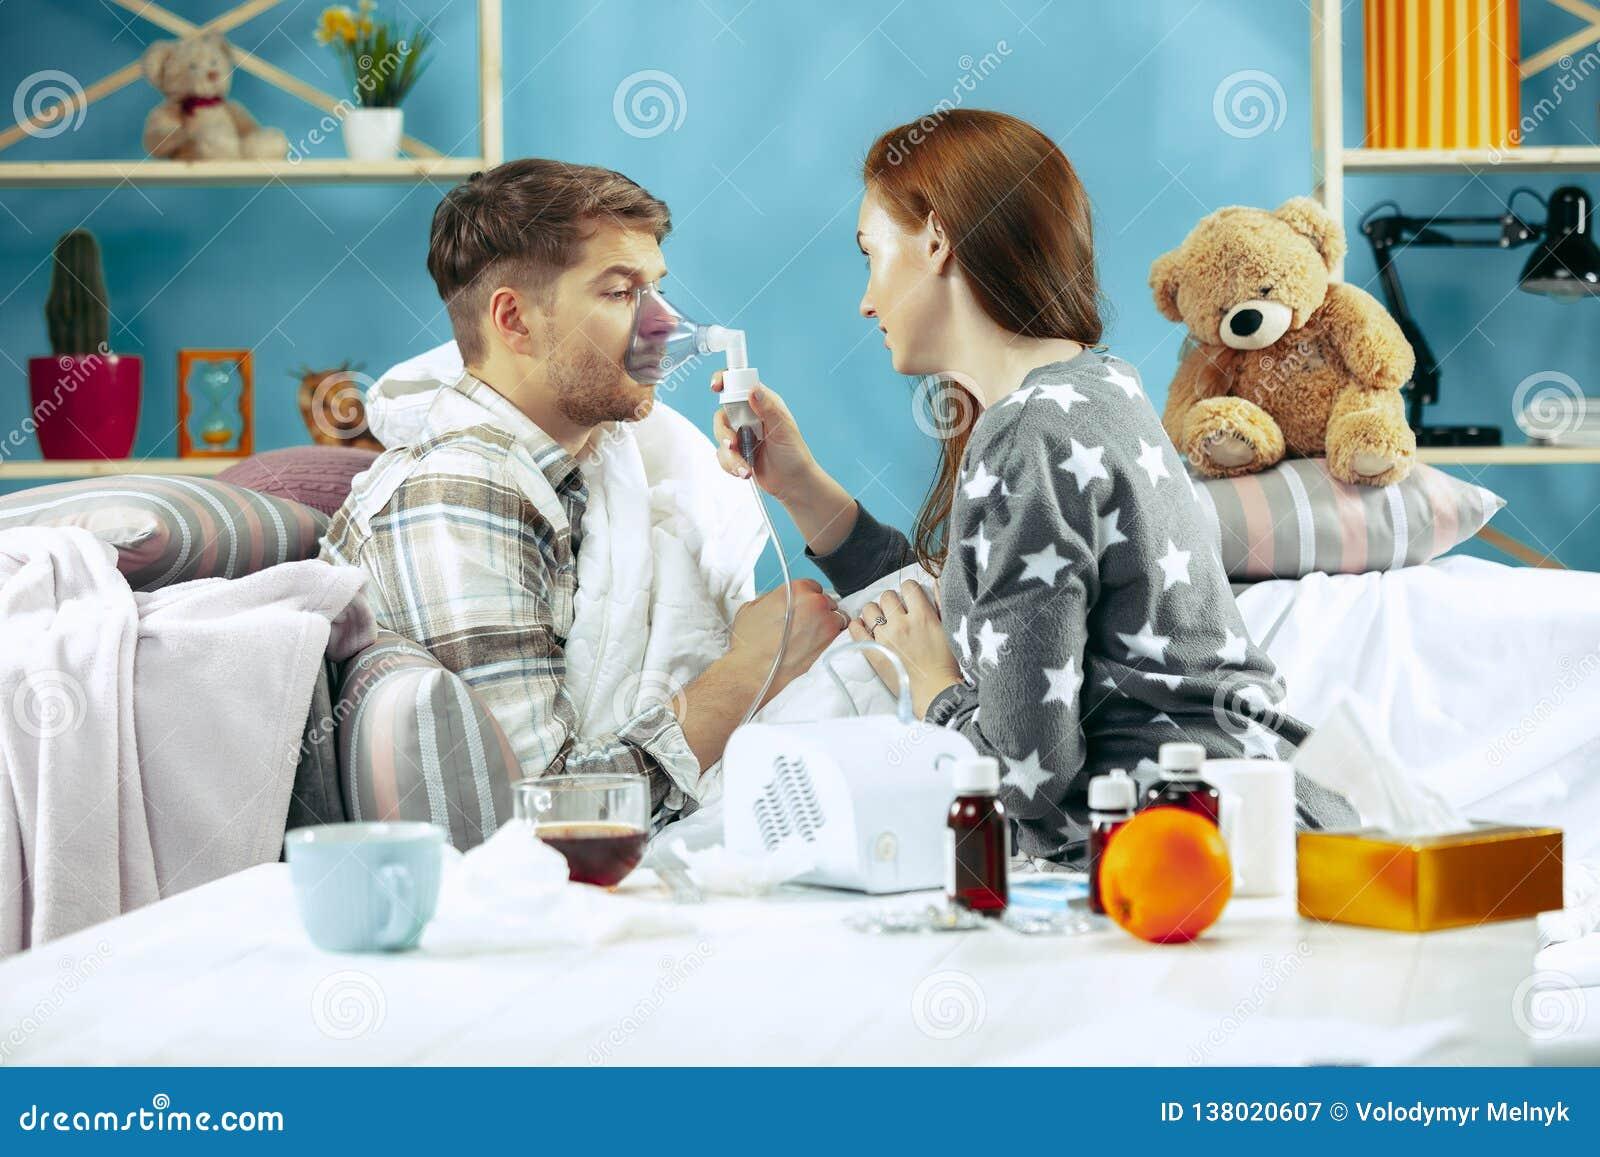 Skäggig sjuk man med rökkanalen som hemma sitter på soffan Sjukdomen influensa, smärtar begrepp home avkoppling Sjukvård